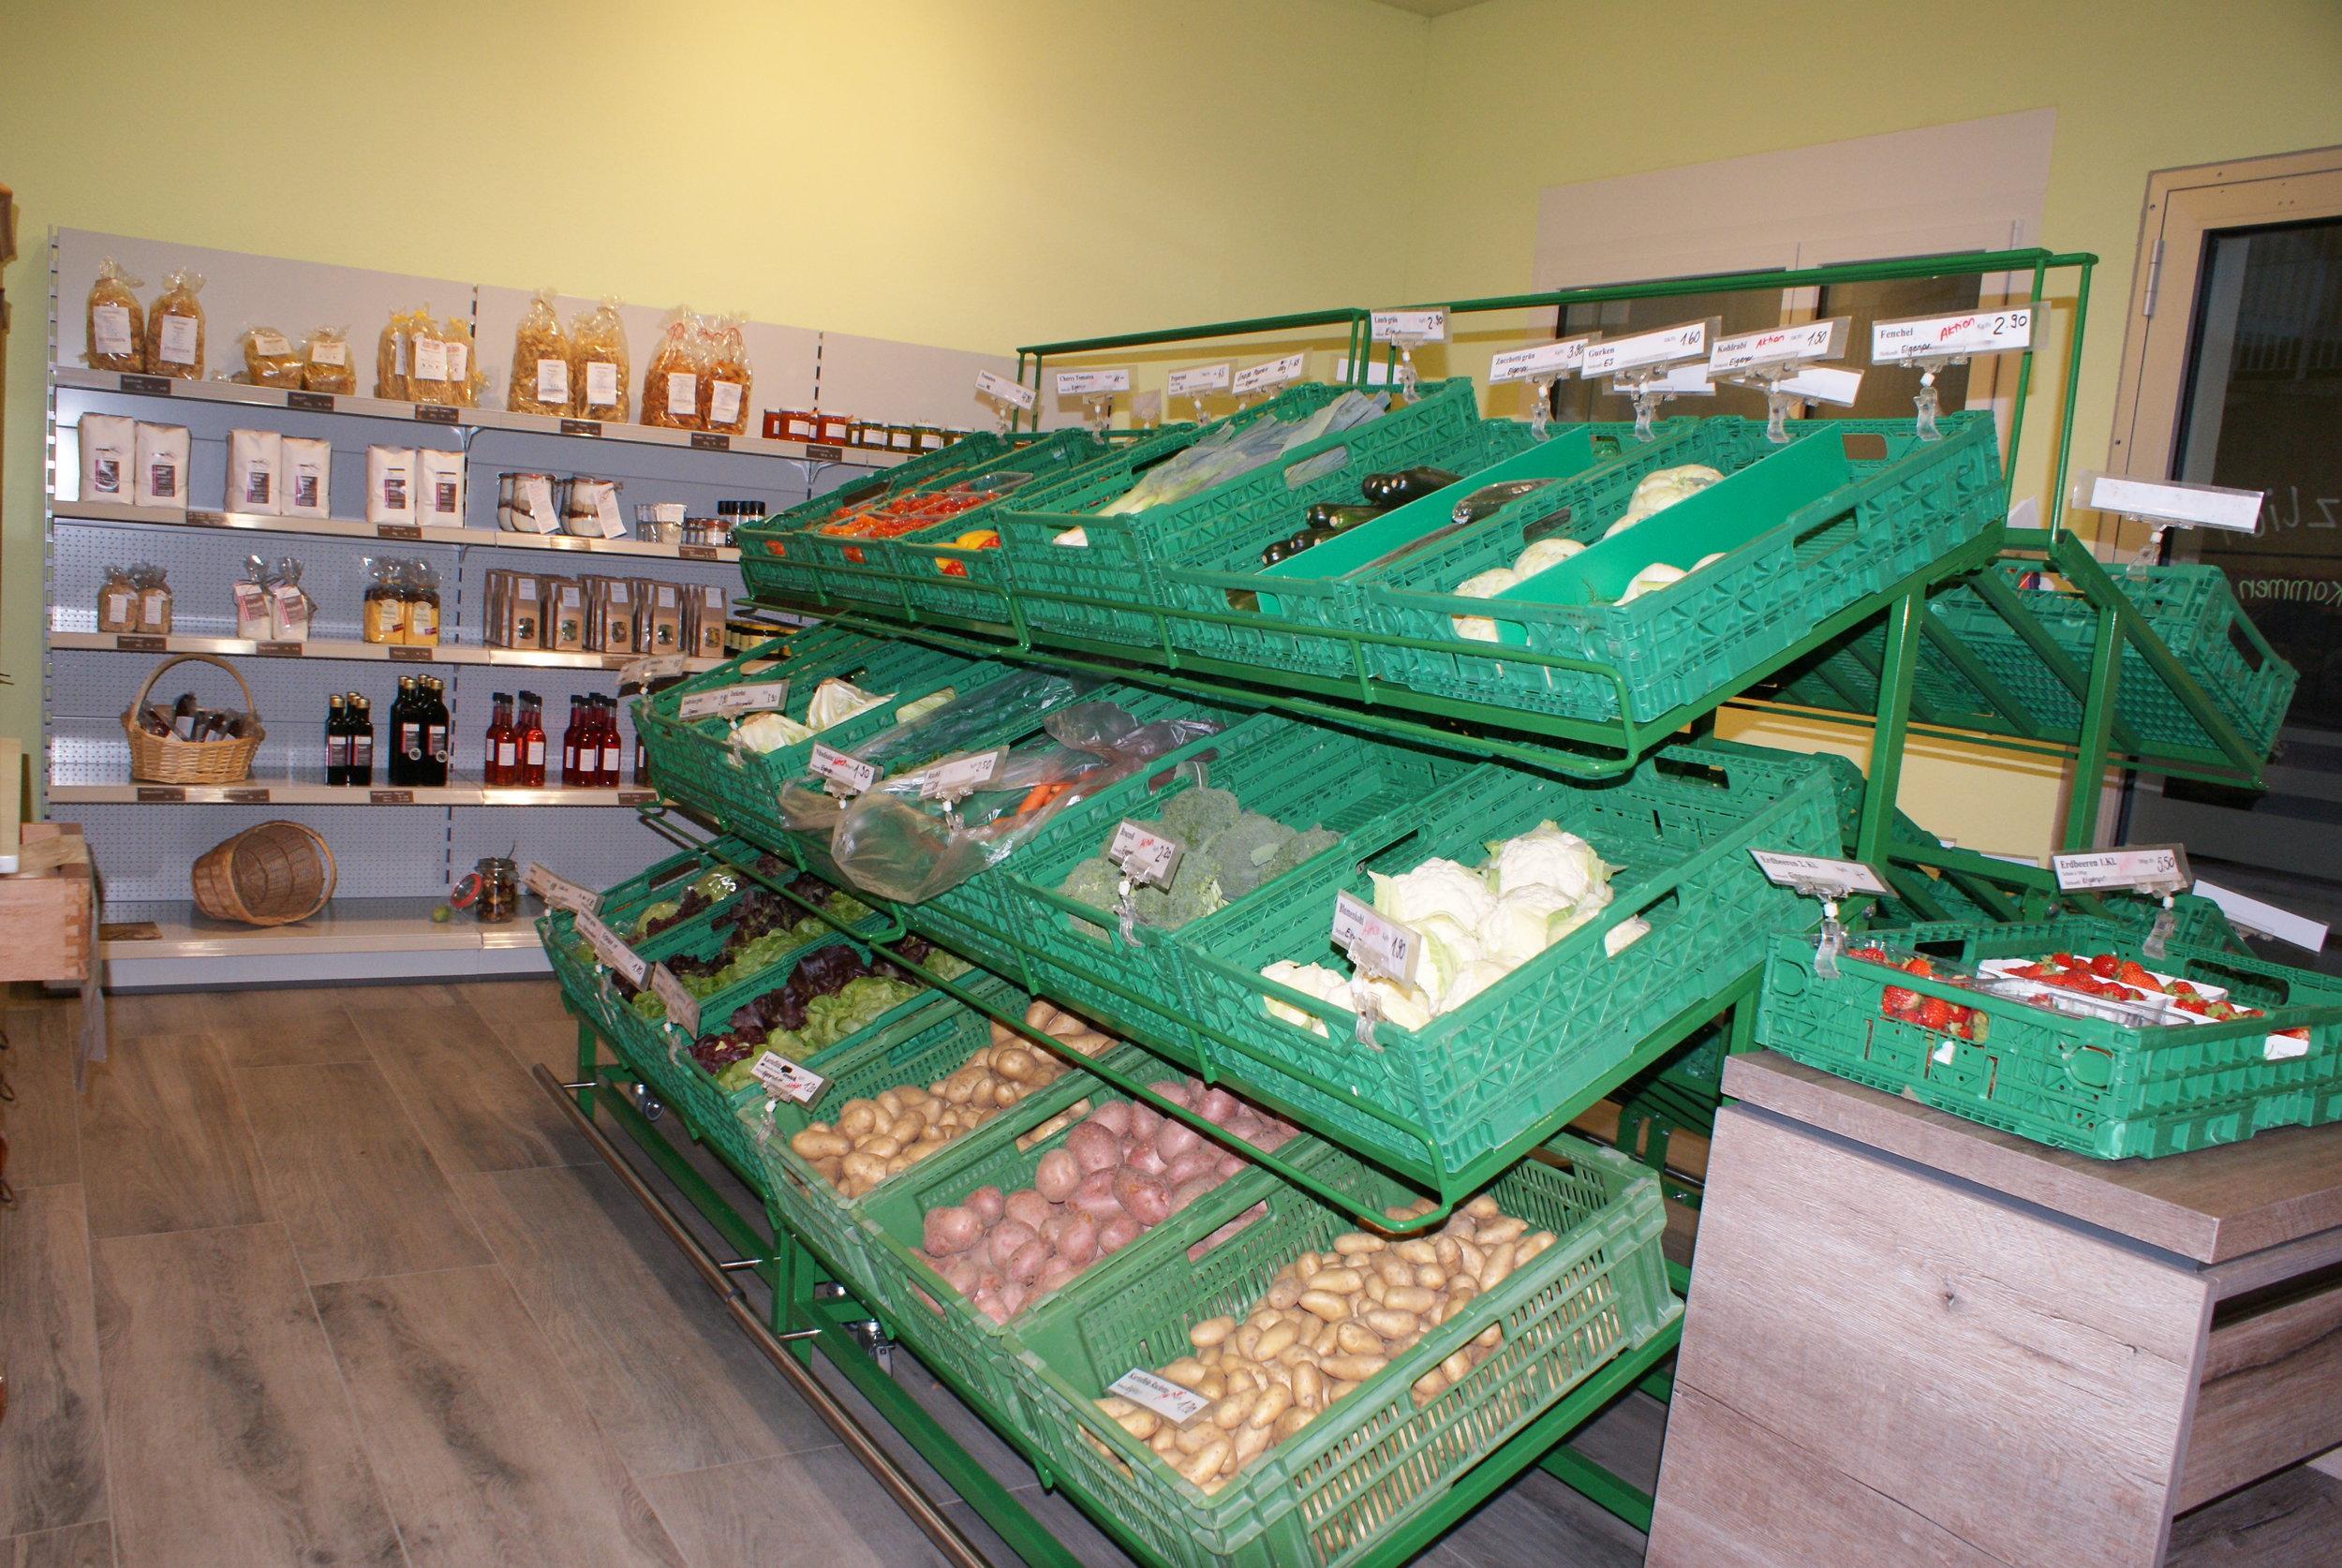 Hofladen - Vielseitiges Angebot in unserem Hofladen an der Gass 10 in Triengen